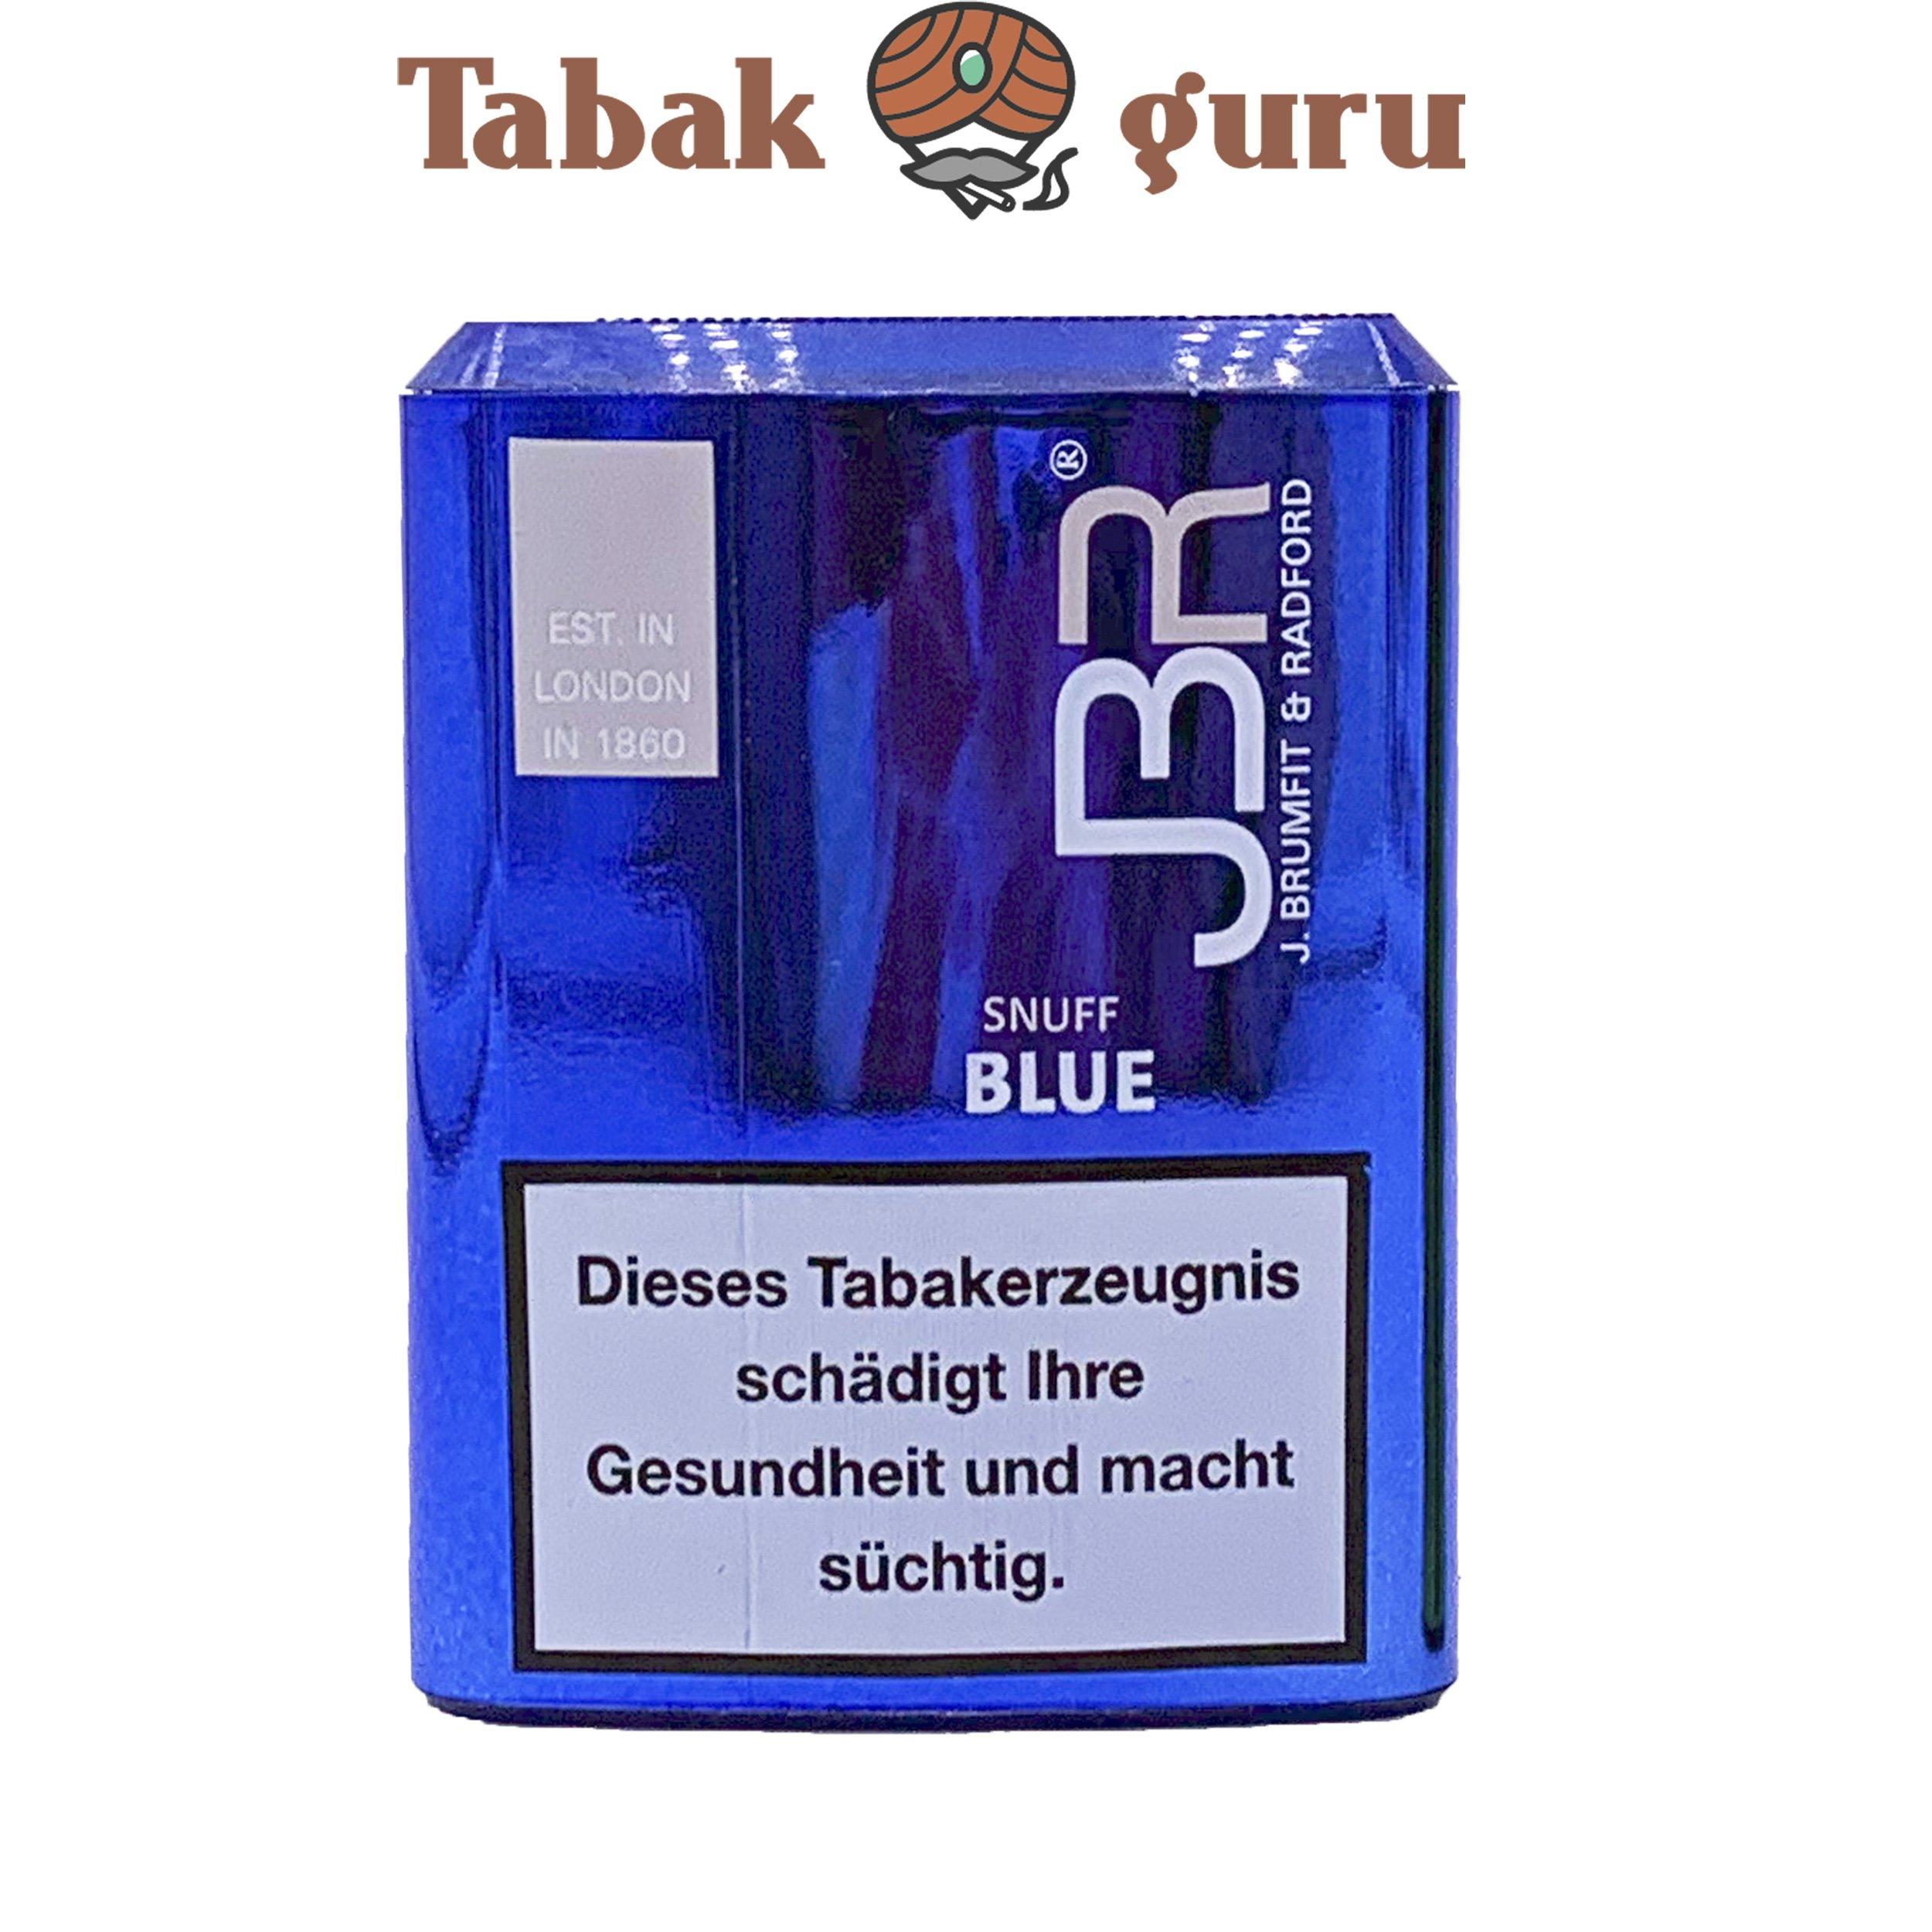 JBR Blue Snuff Schnupftabak